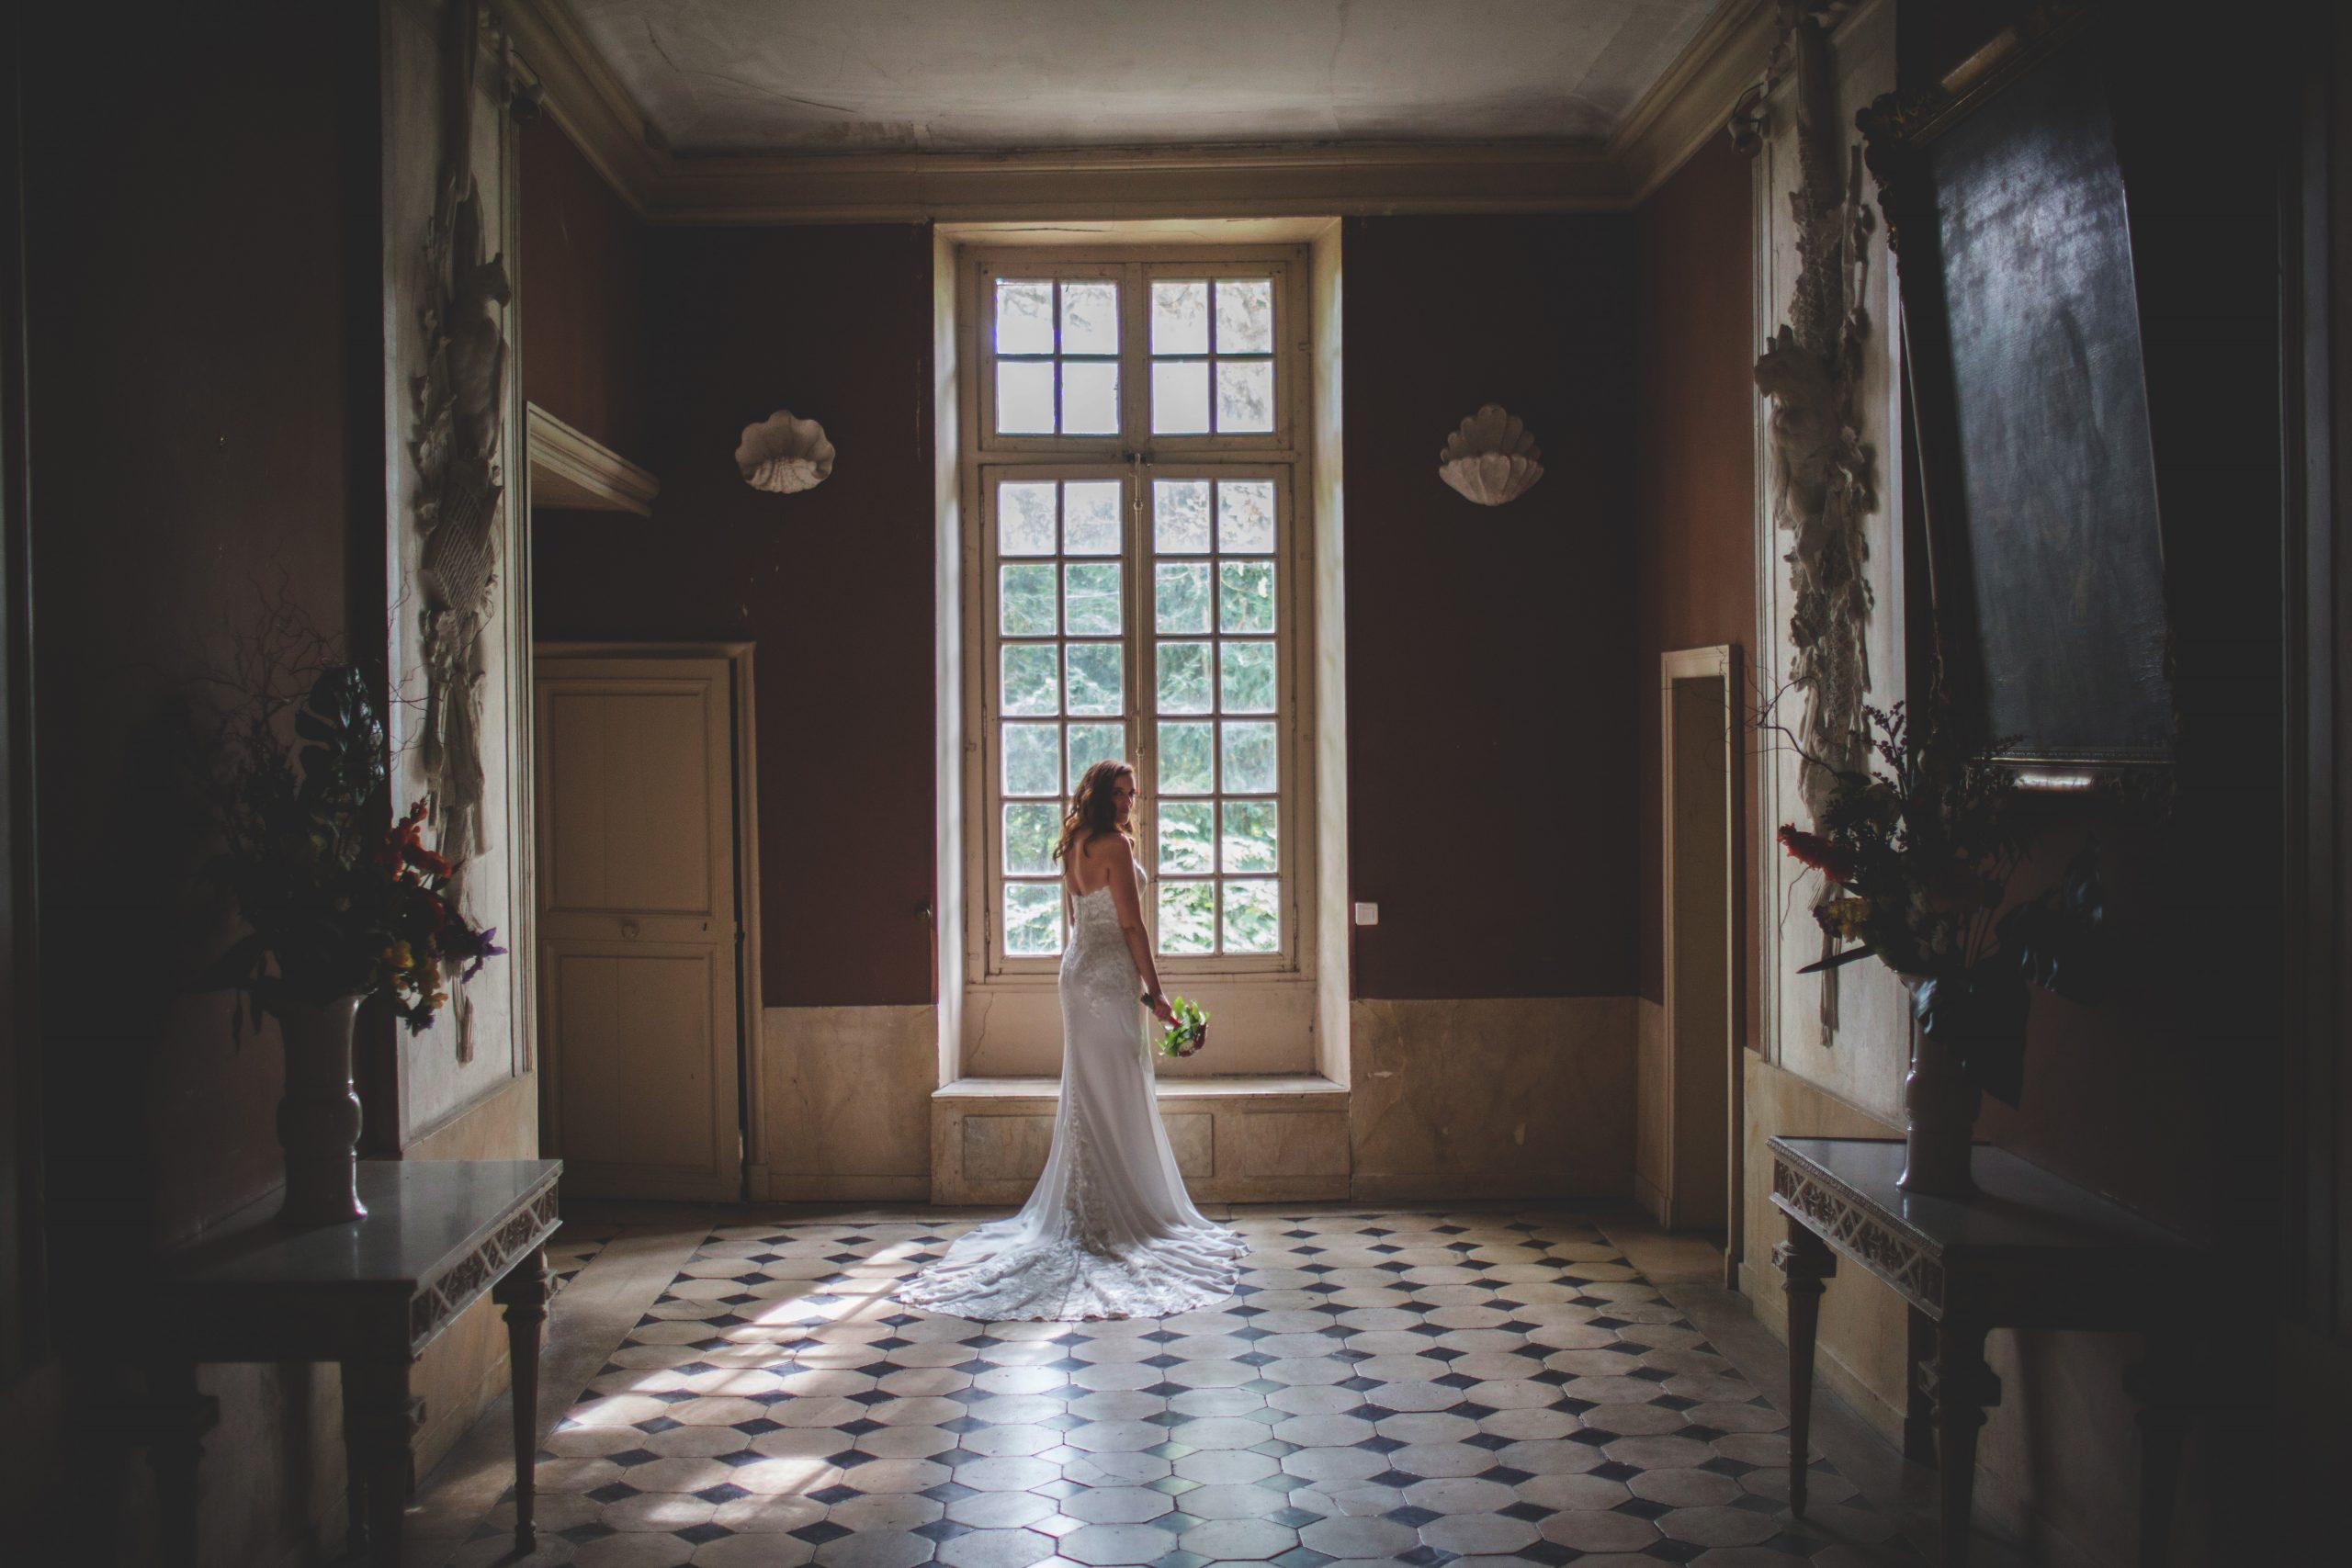 photos-naturelle-mariage-mariem-desaintk-chateau-nandy